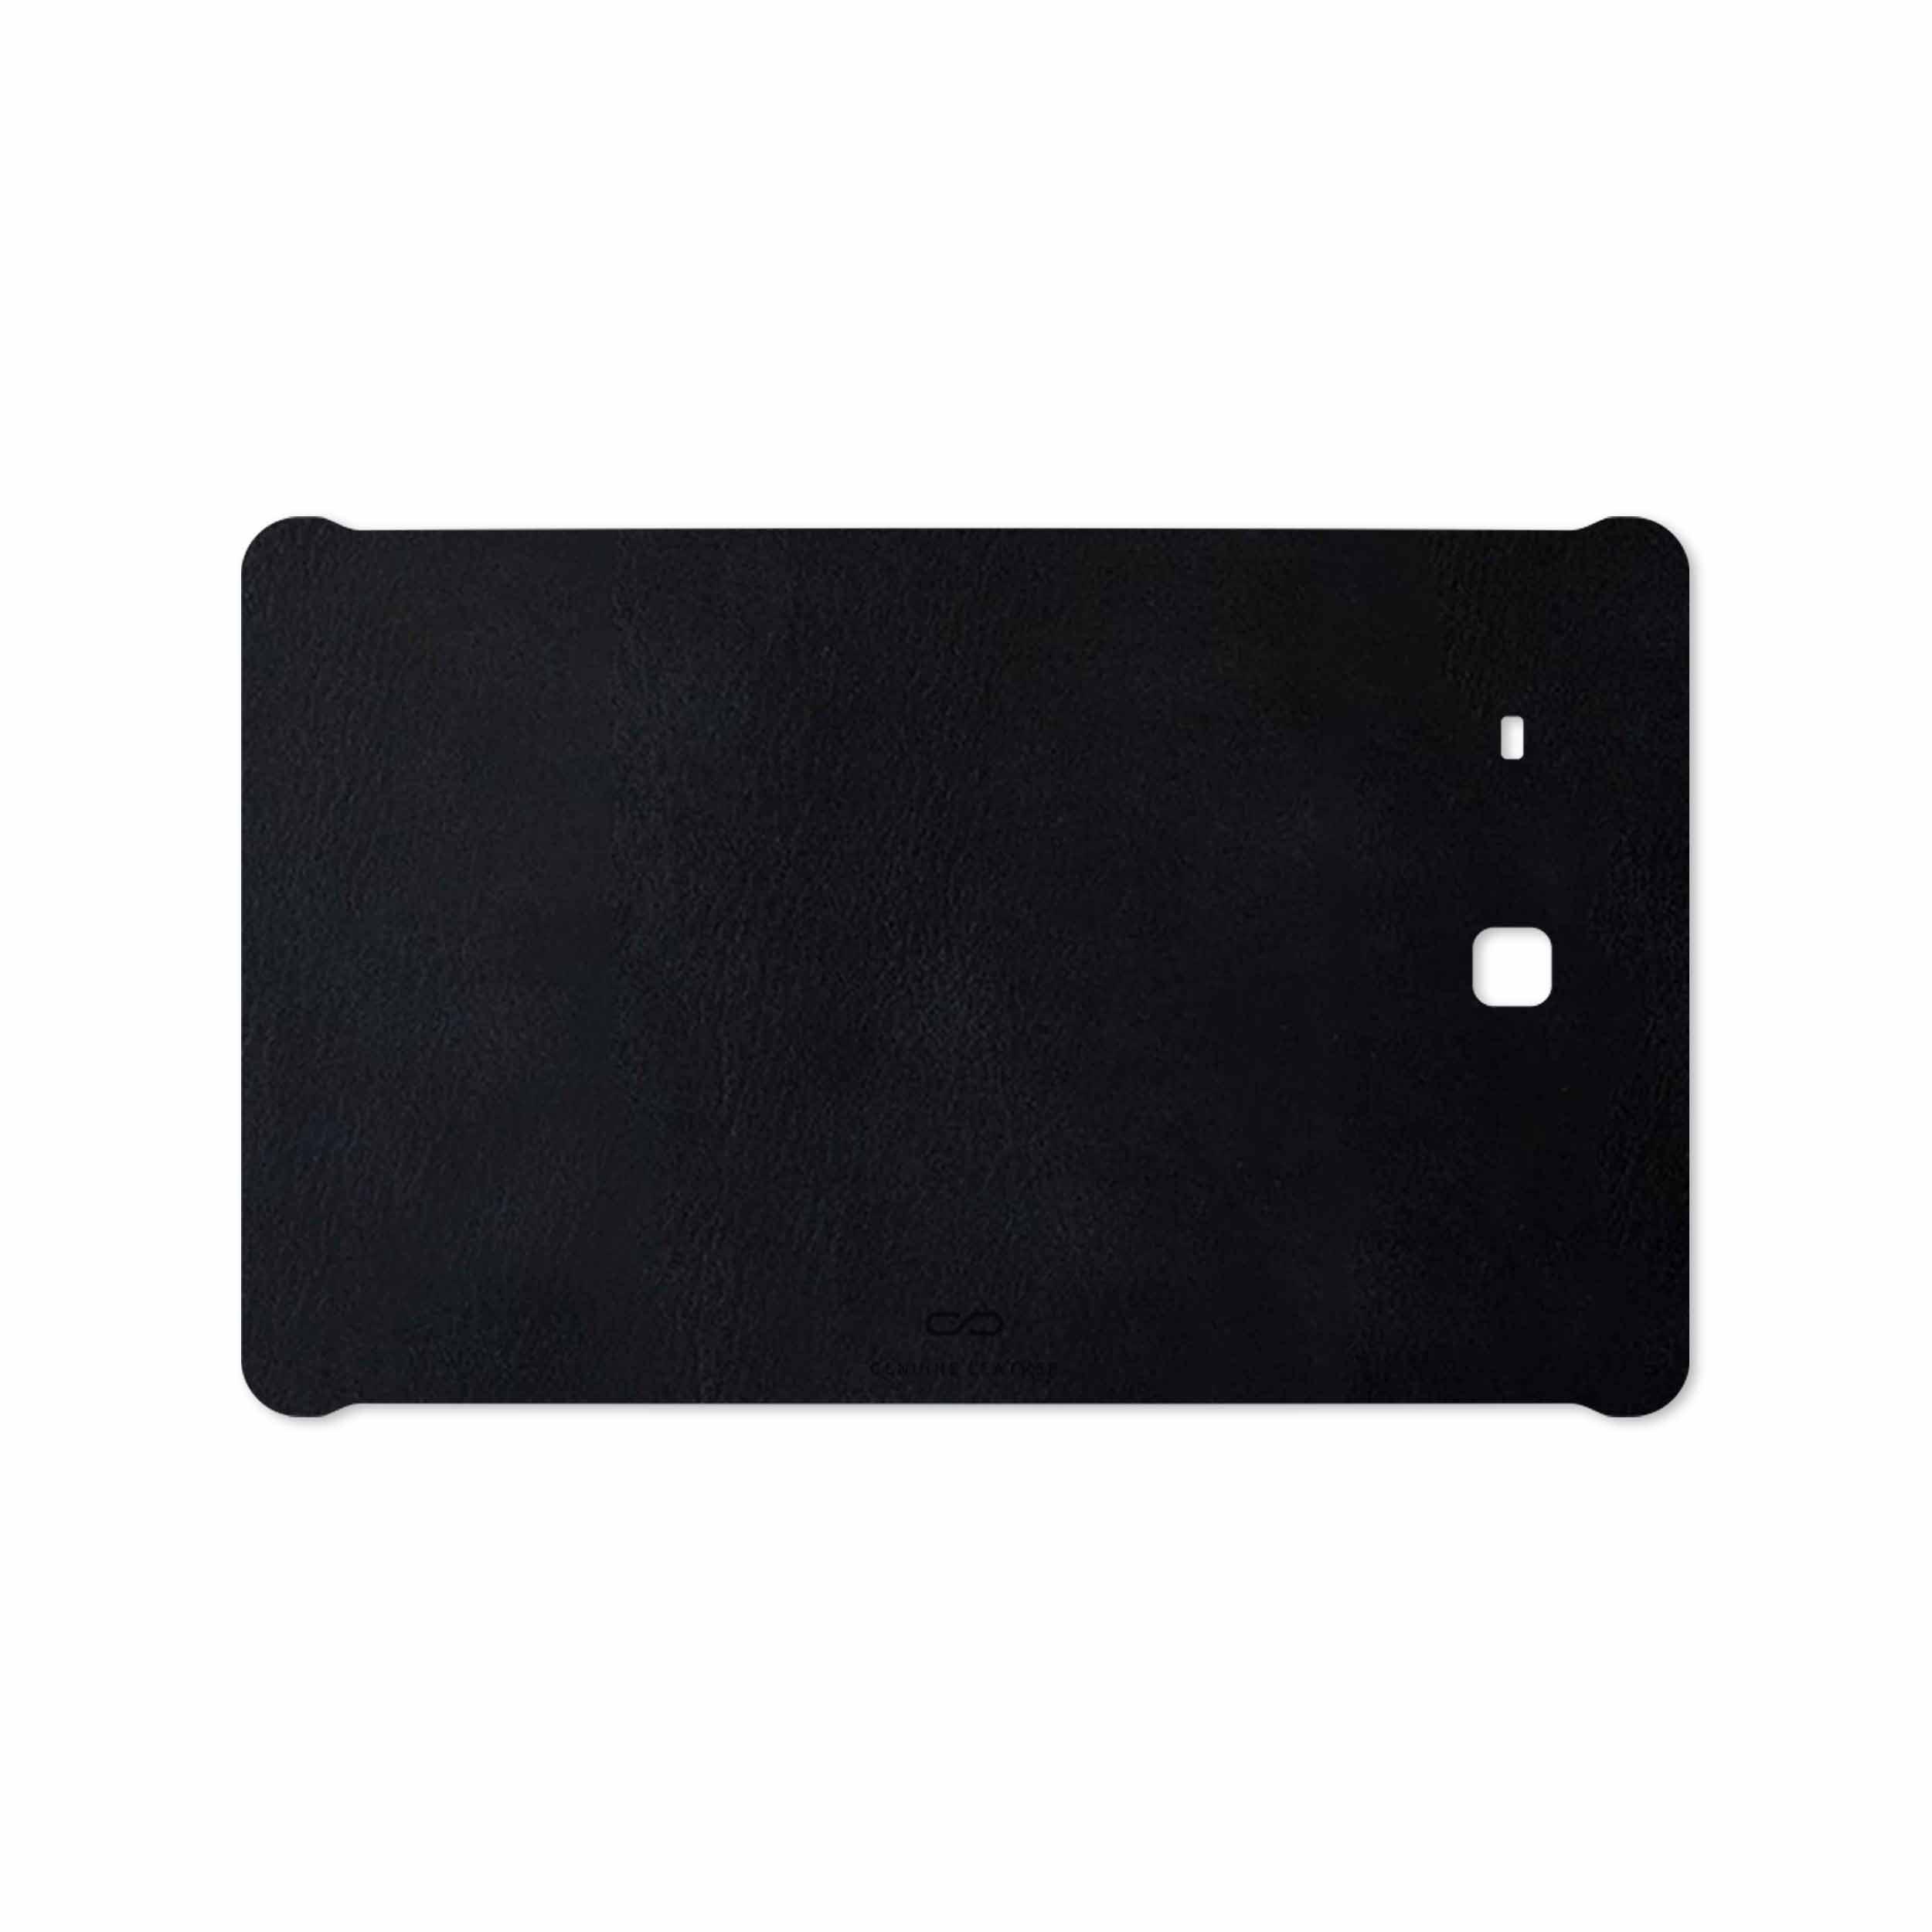 بررسی و خرید [با تخفیف]                                     برچسب پوششی ماهوت مدل Graphite Buffalo Leather مناسب برای تبلت سامسونگ Galaxy Tab E 9.6 2015 T560                             اورجینال